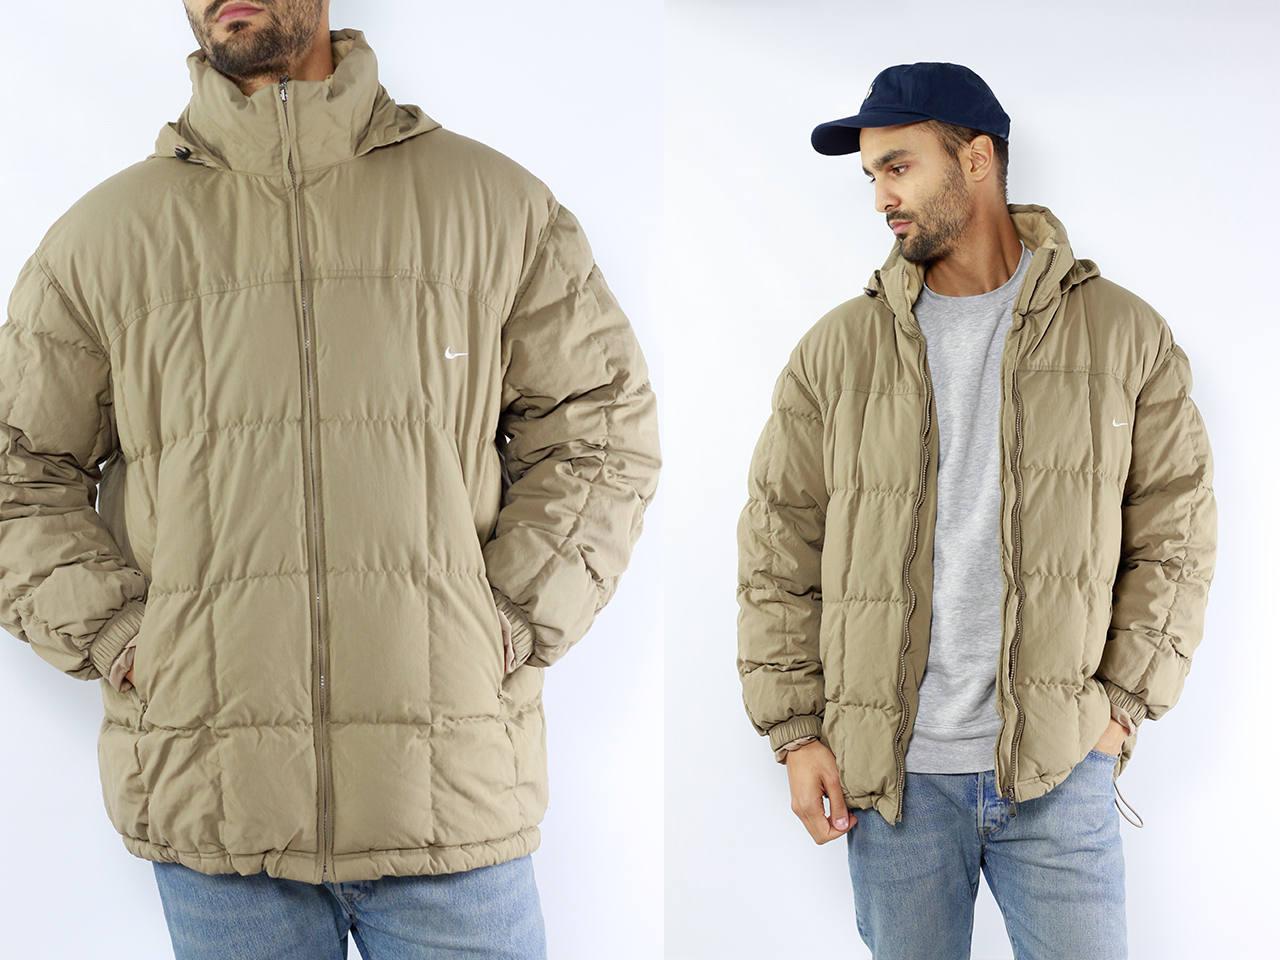 ff672e057f4f Nike Puffer Jacket   Beige Nike Jacket   Beige Pufferjacket   Down ...